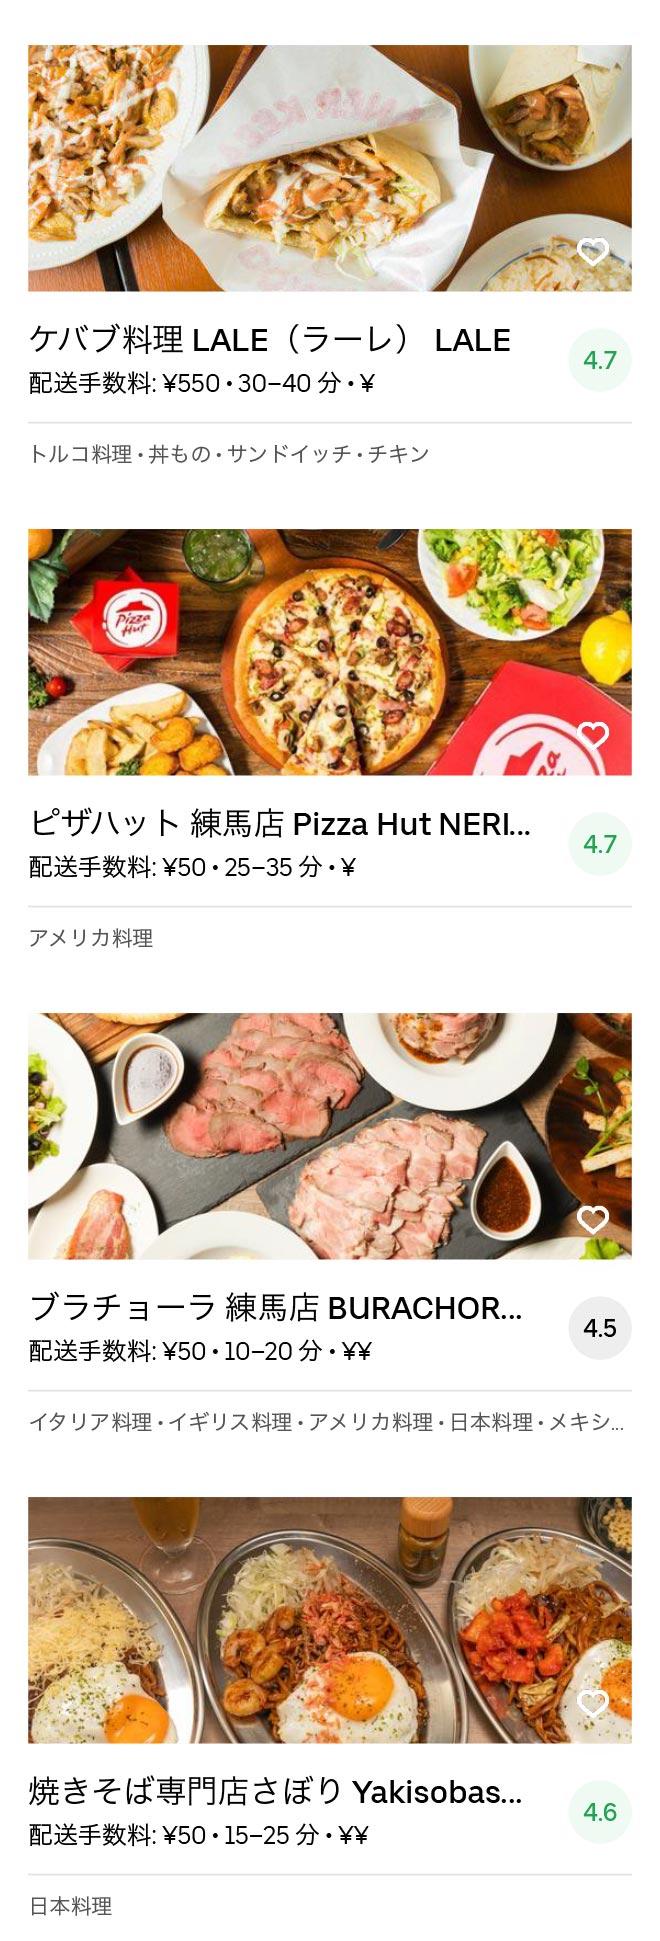 Tokyo nerima menu 2005 10